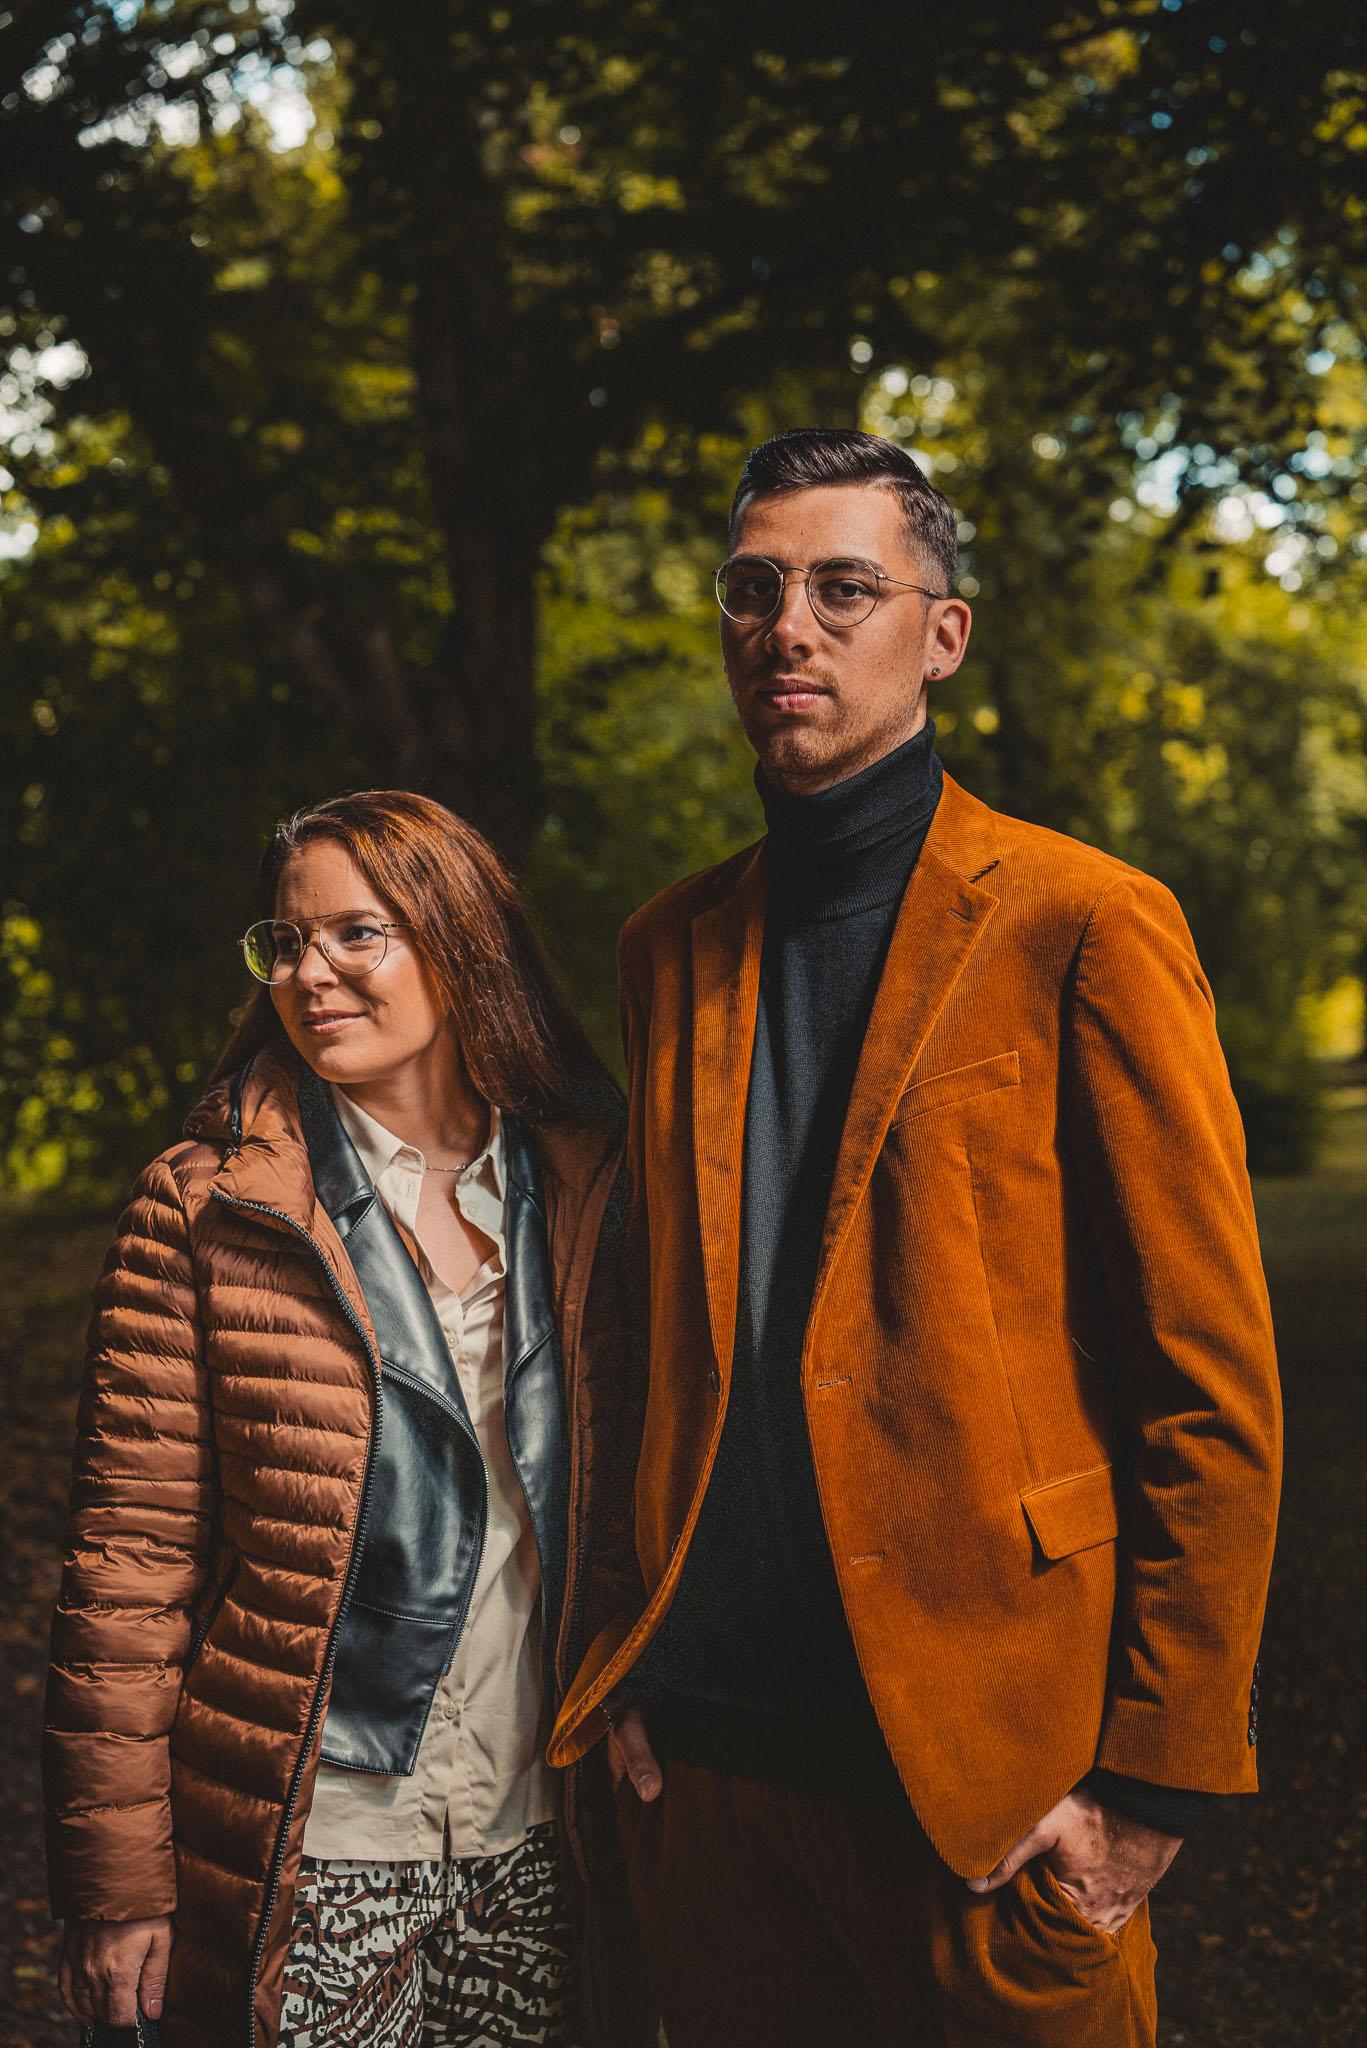 Entdecken Sie die Herbst-Winter-Kollektion 2020 im Modehaus Kuhn